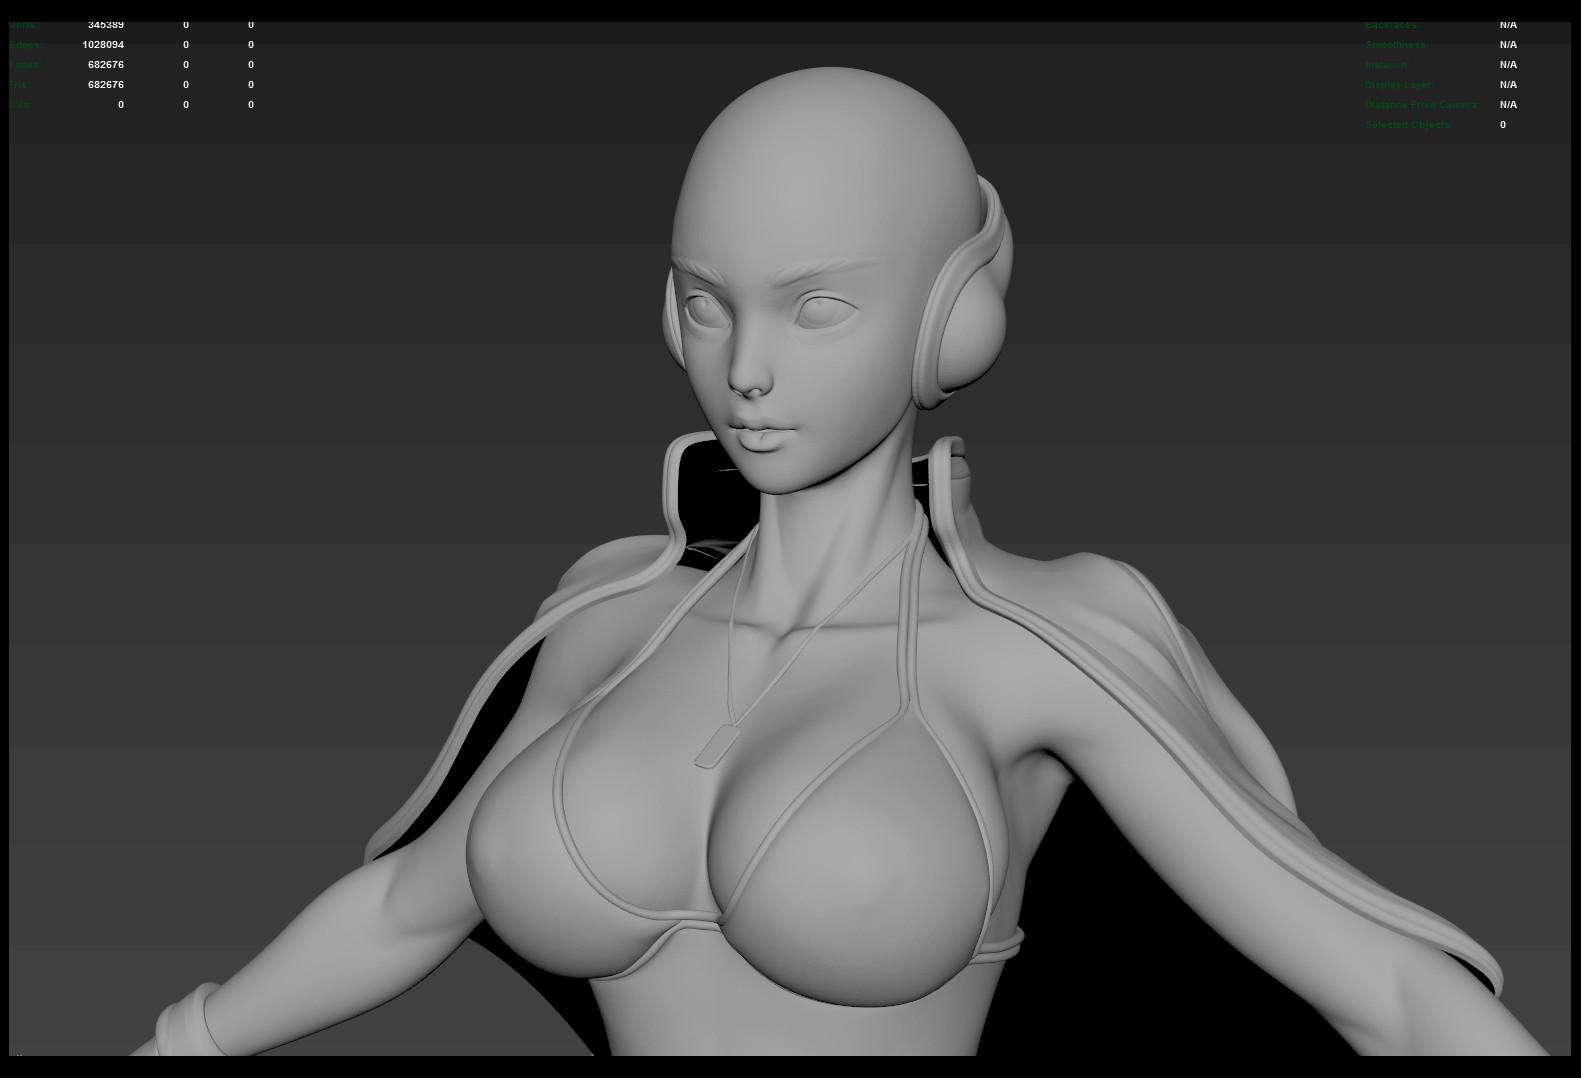 Dzung phung dinh girlsculpt refinewip